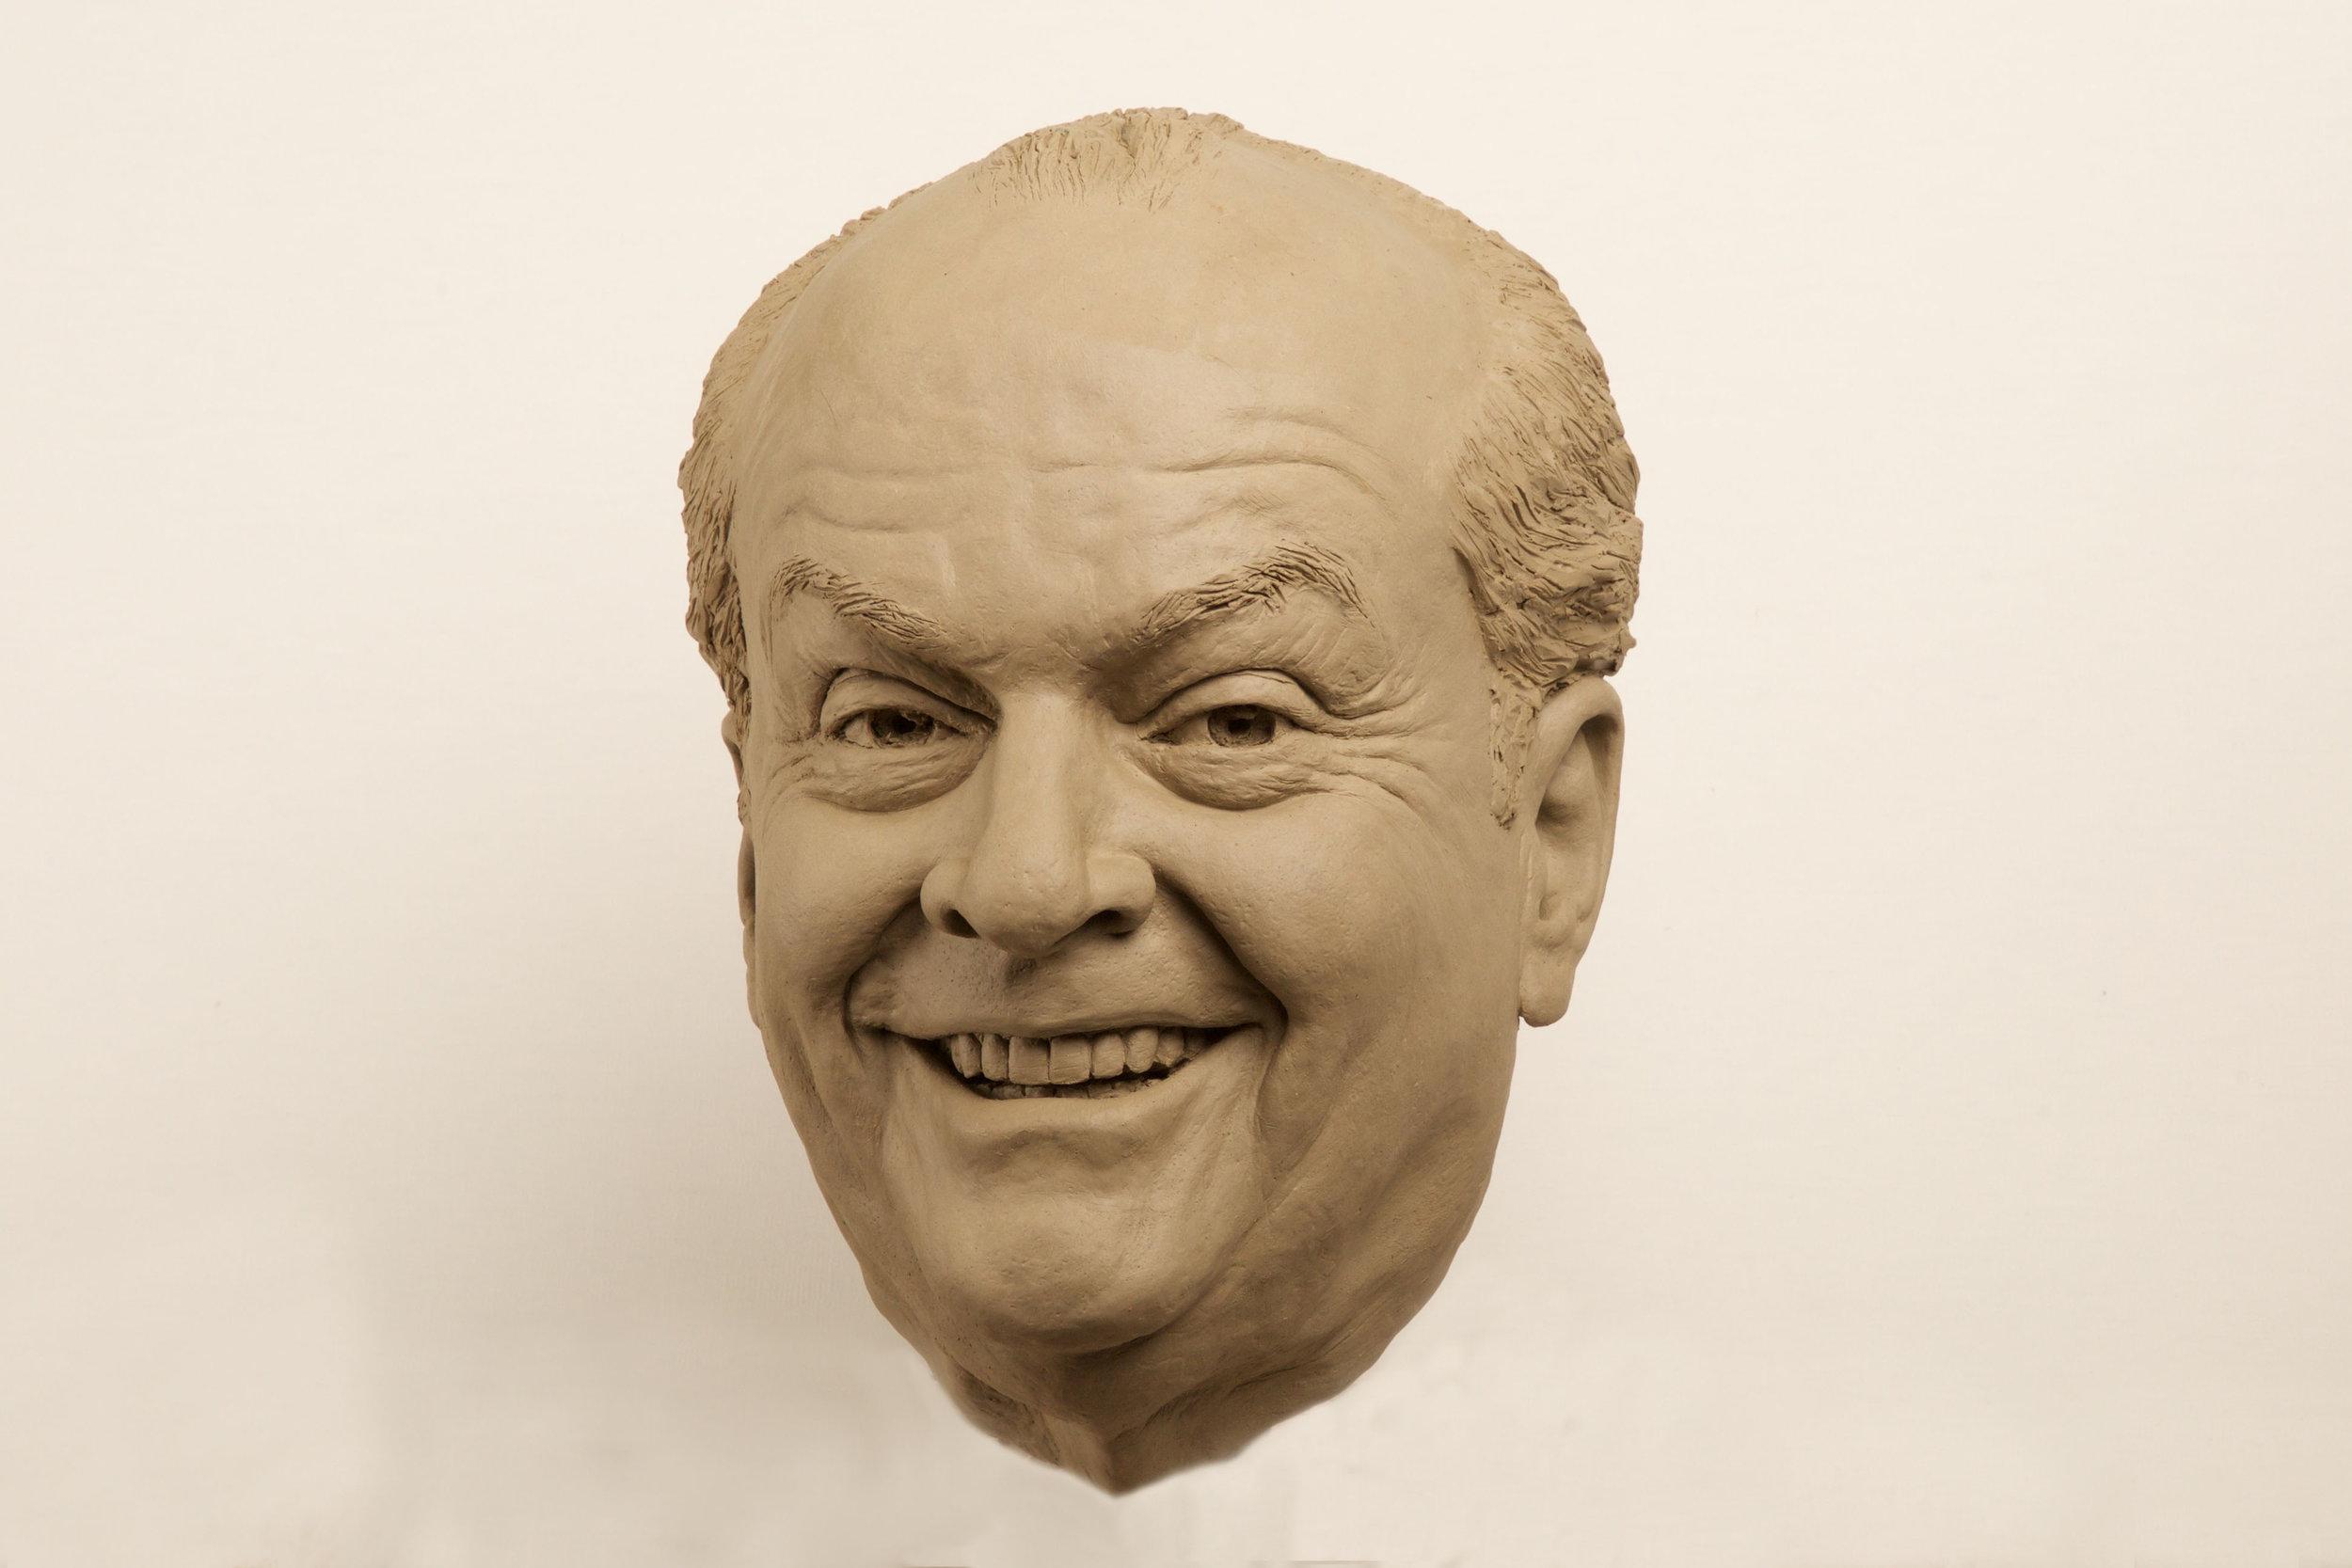 Jack Nicholson clay portrait sculpt